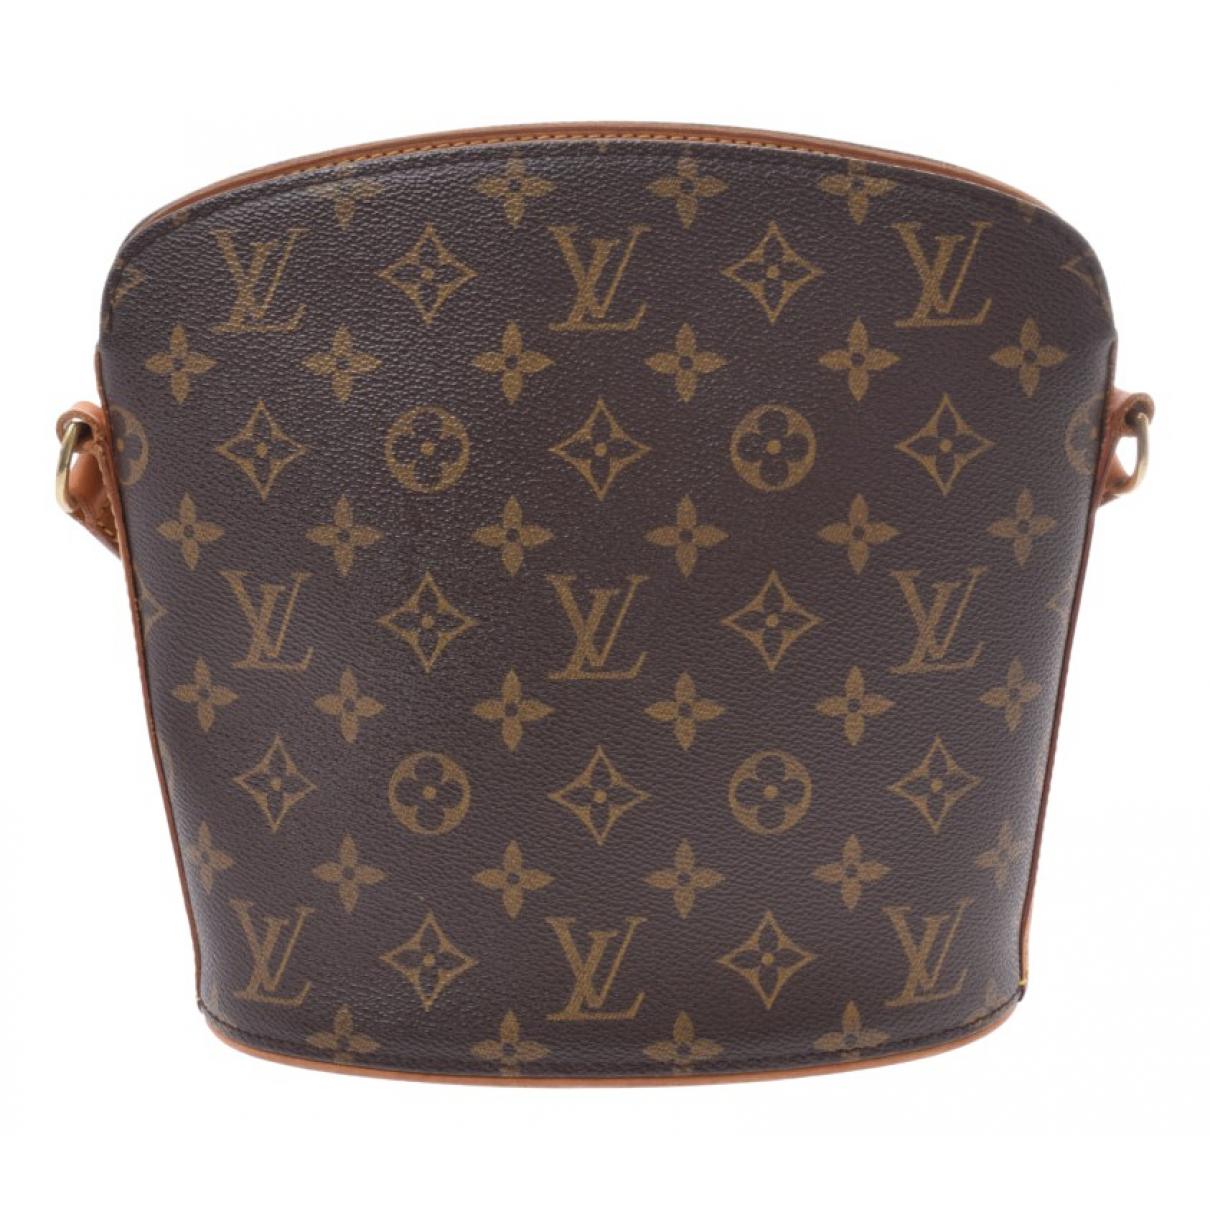 Louis Vuitton - Sac a main Drouot  pour femme en toile - marron